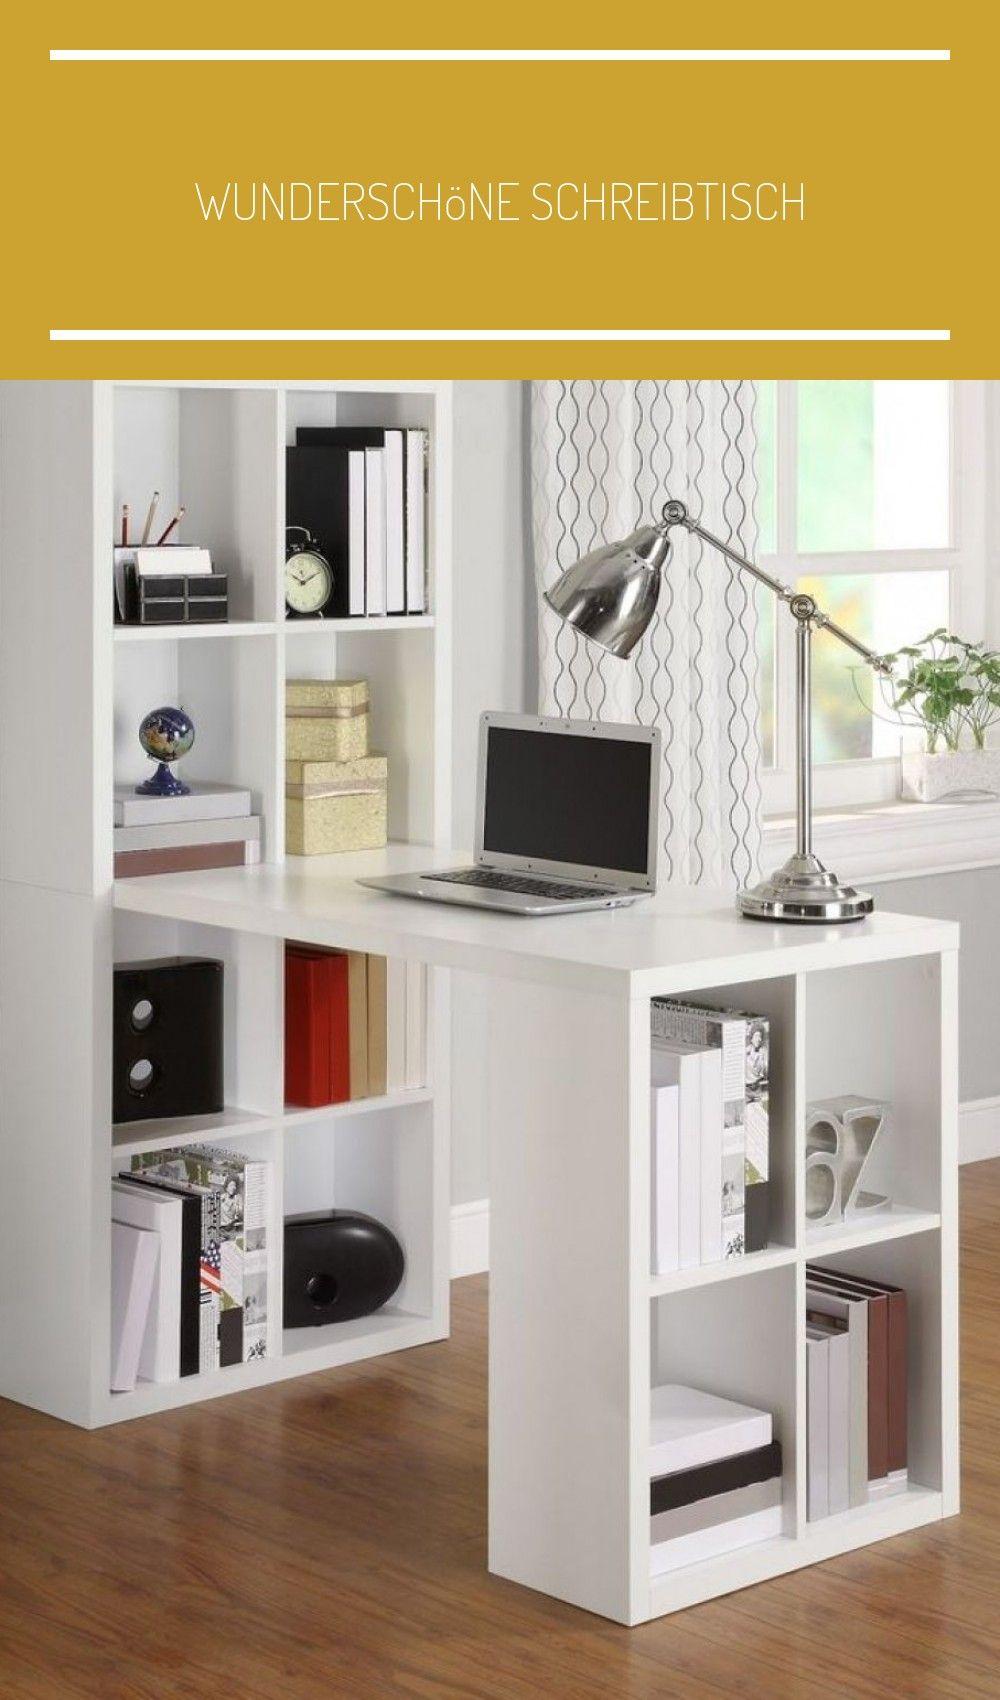 Wunderschone Schreibtisch Regal Kombi Die Besten 25 Kallax Schreibtisch Ideen Auf Pinterest Ikea Am2gold Arbeitszim In 2020 Desk Shelves Kallax Desk Craft Table Diy